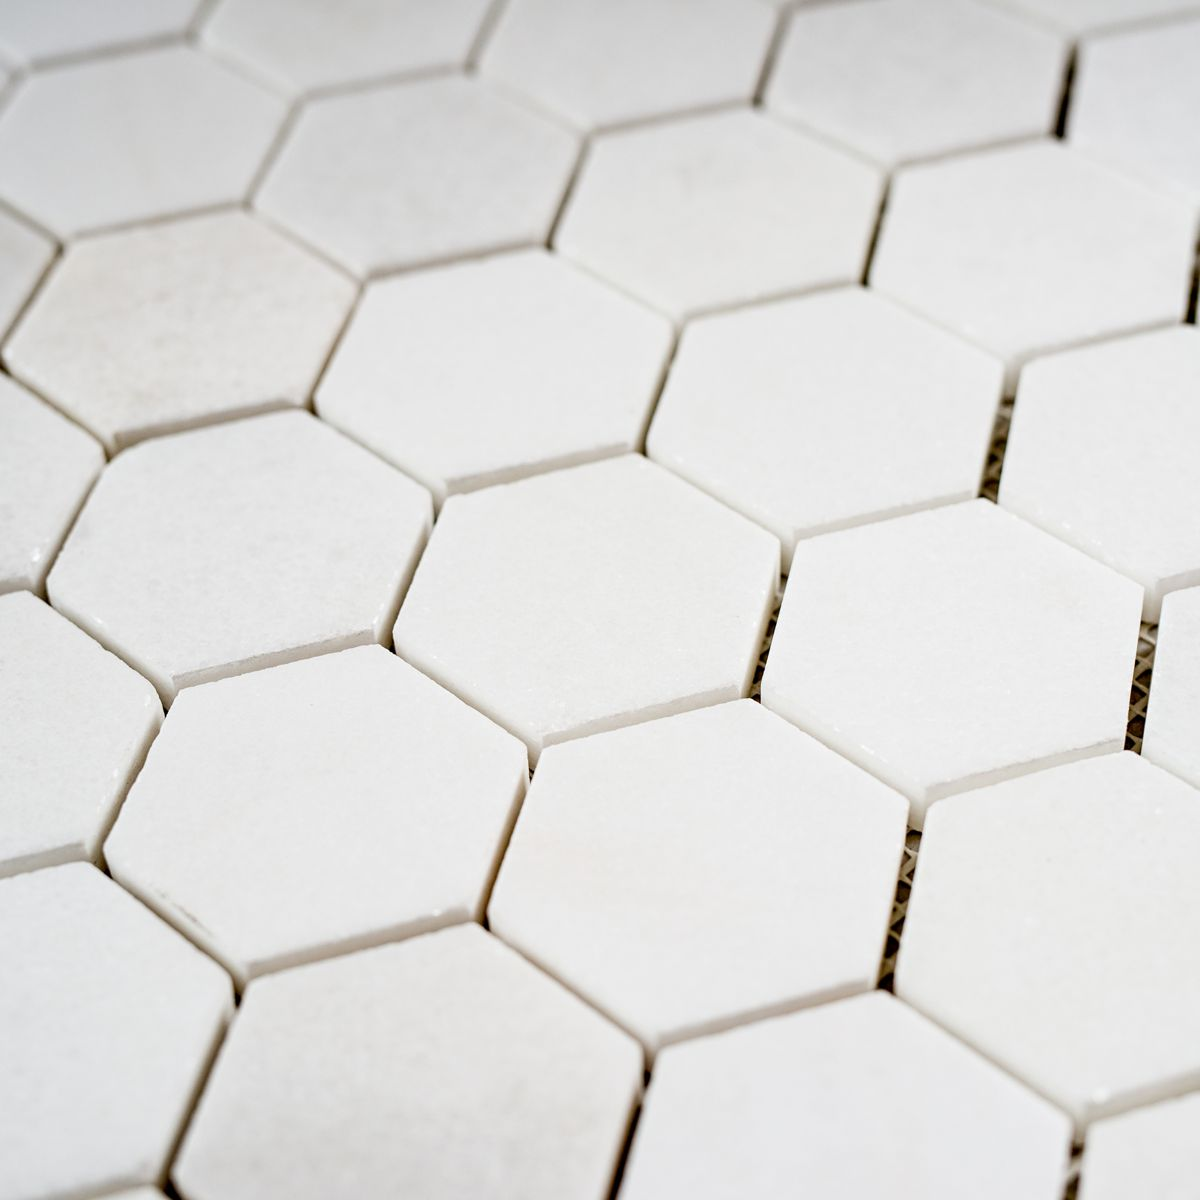 mozaic-thassos-hexagon-3